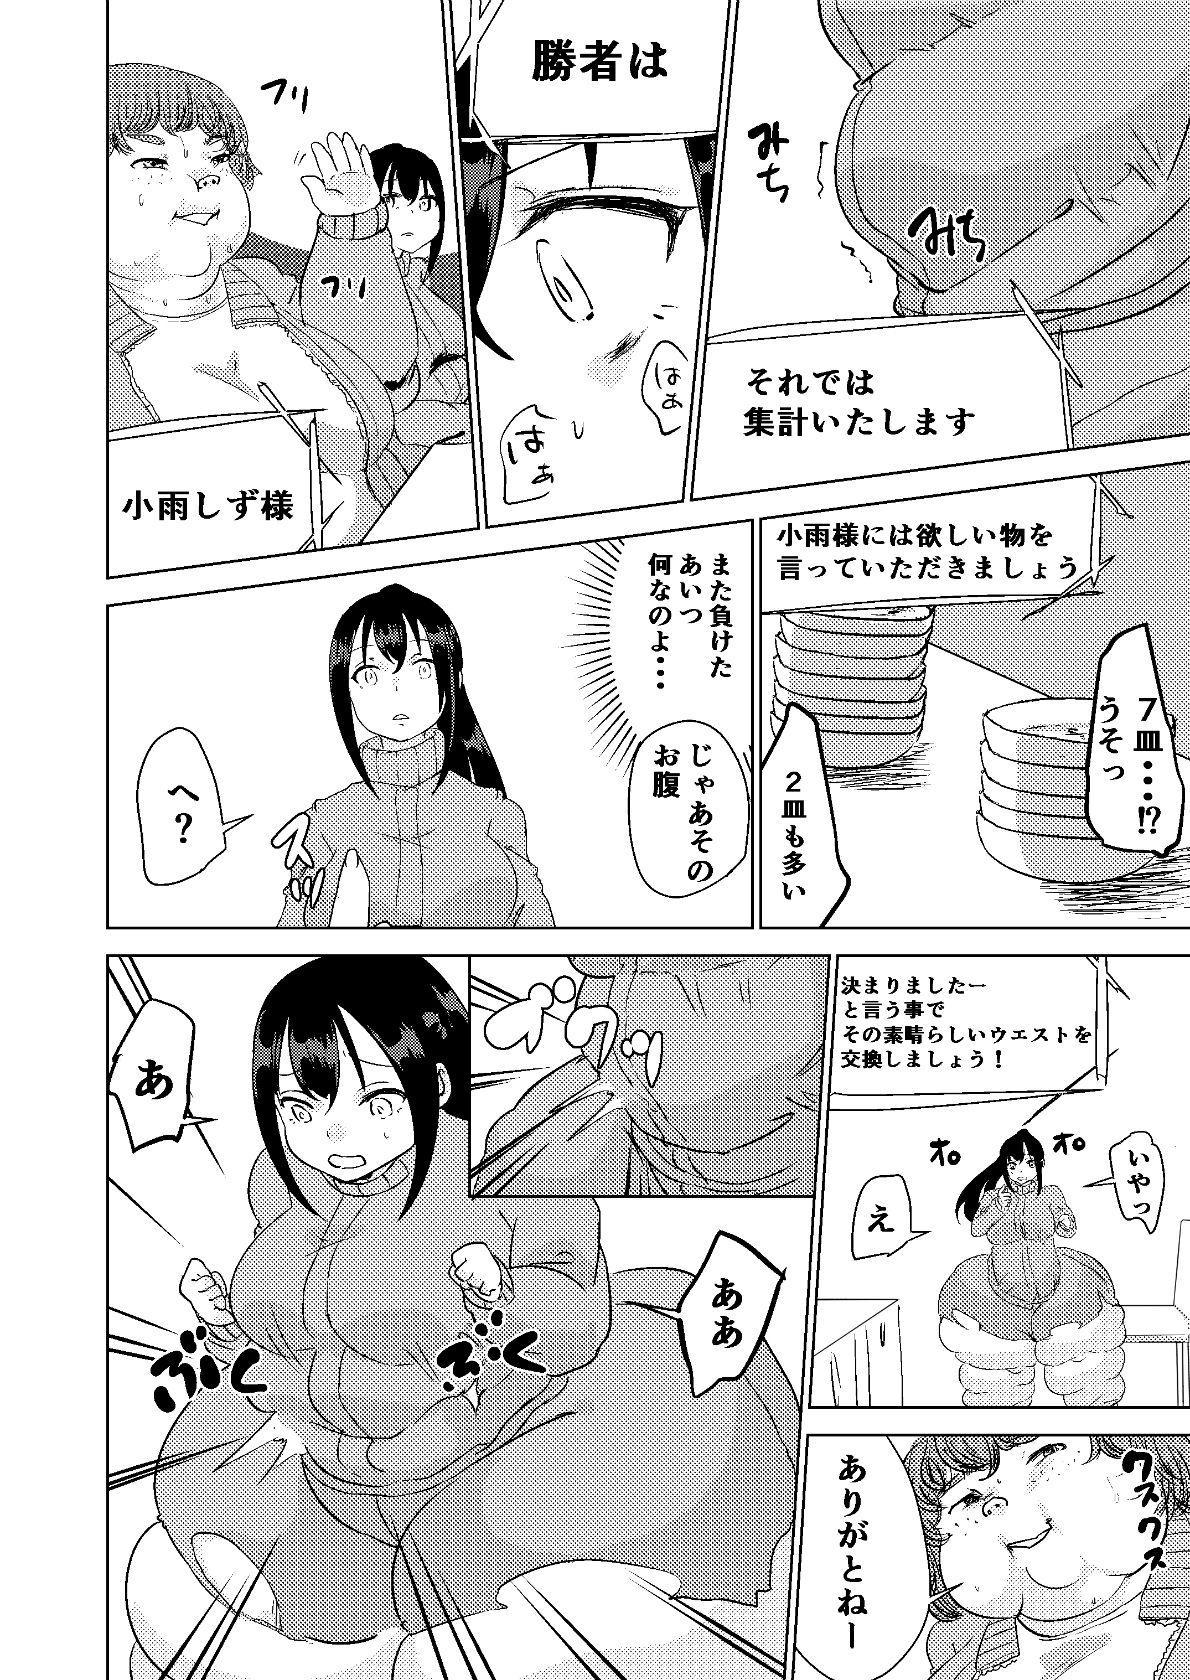 Kyou kara Watashi wa Anata ni Naru. 17